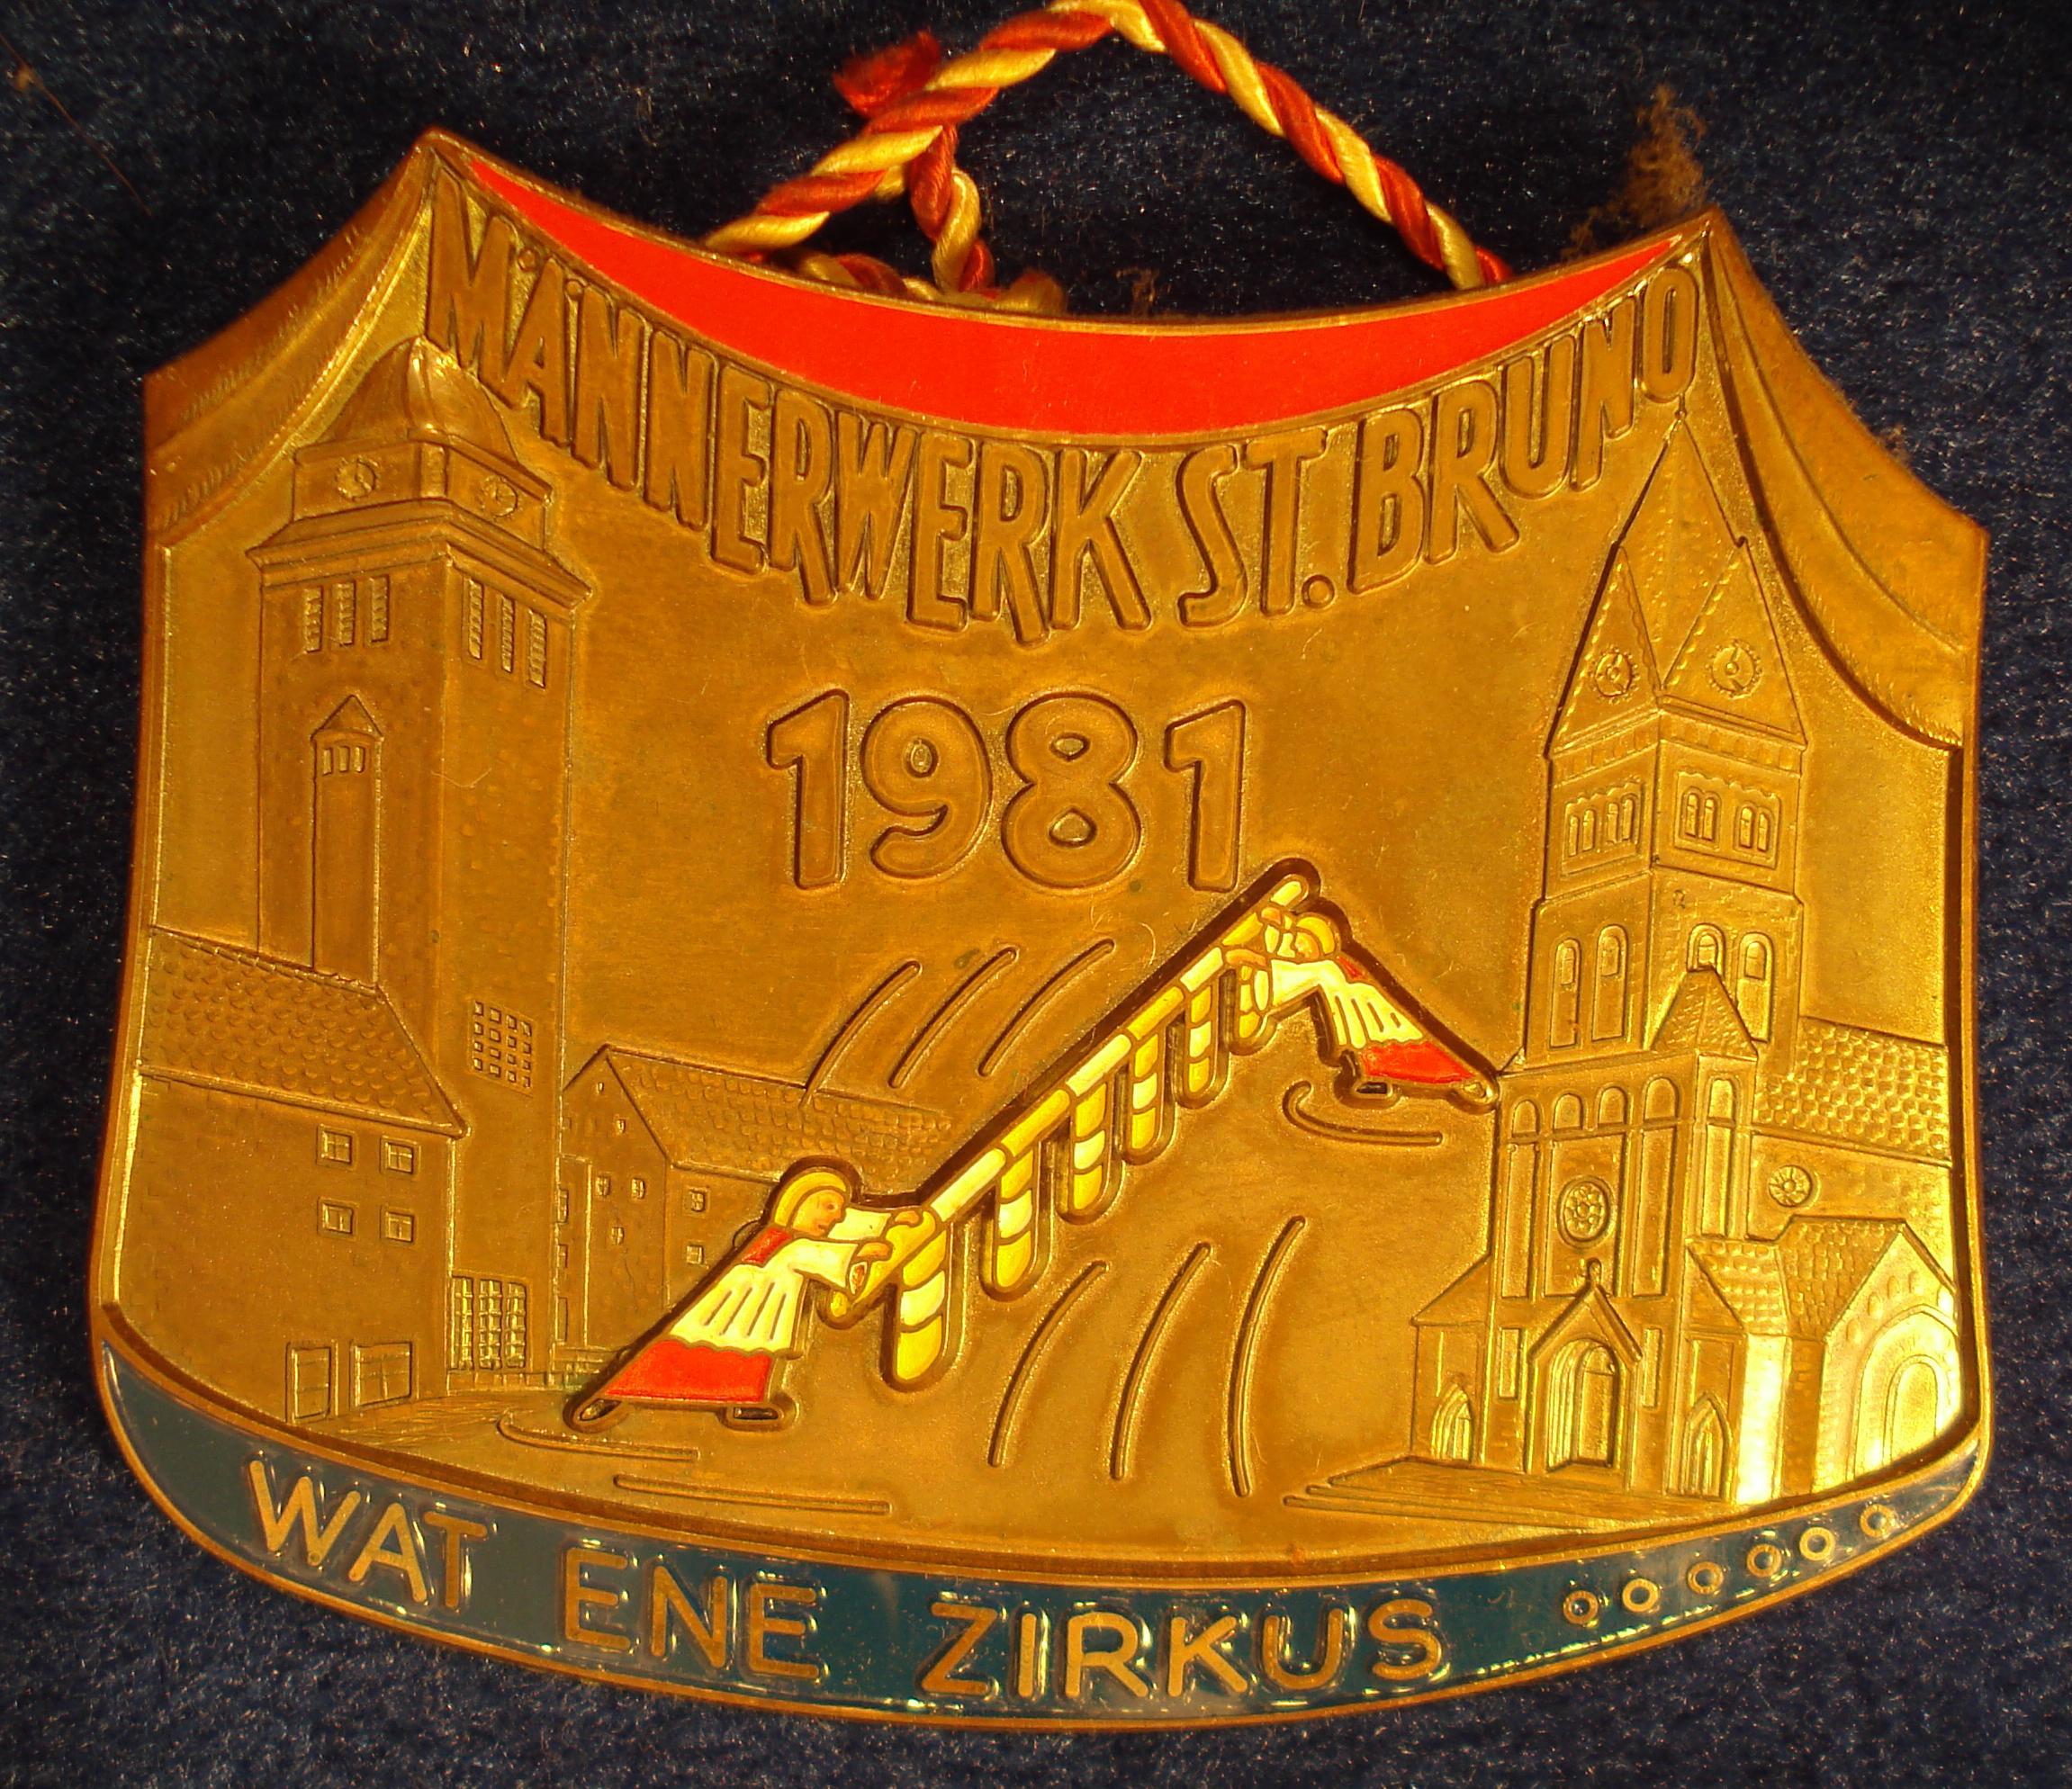 Orden von 1981